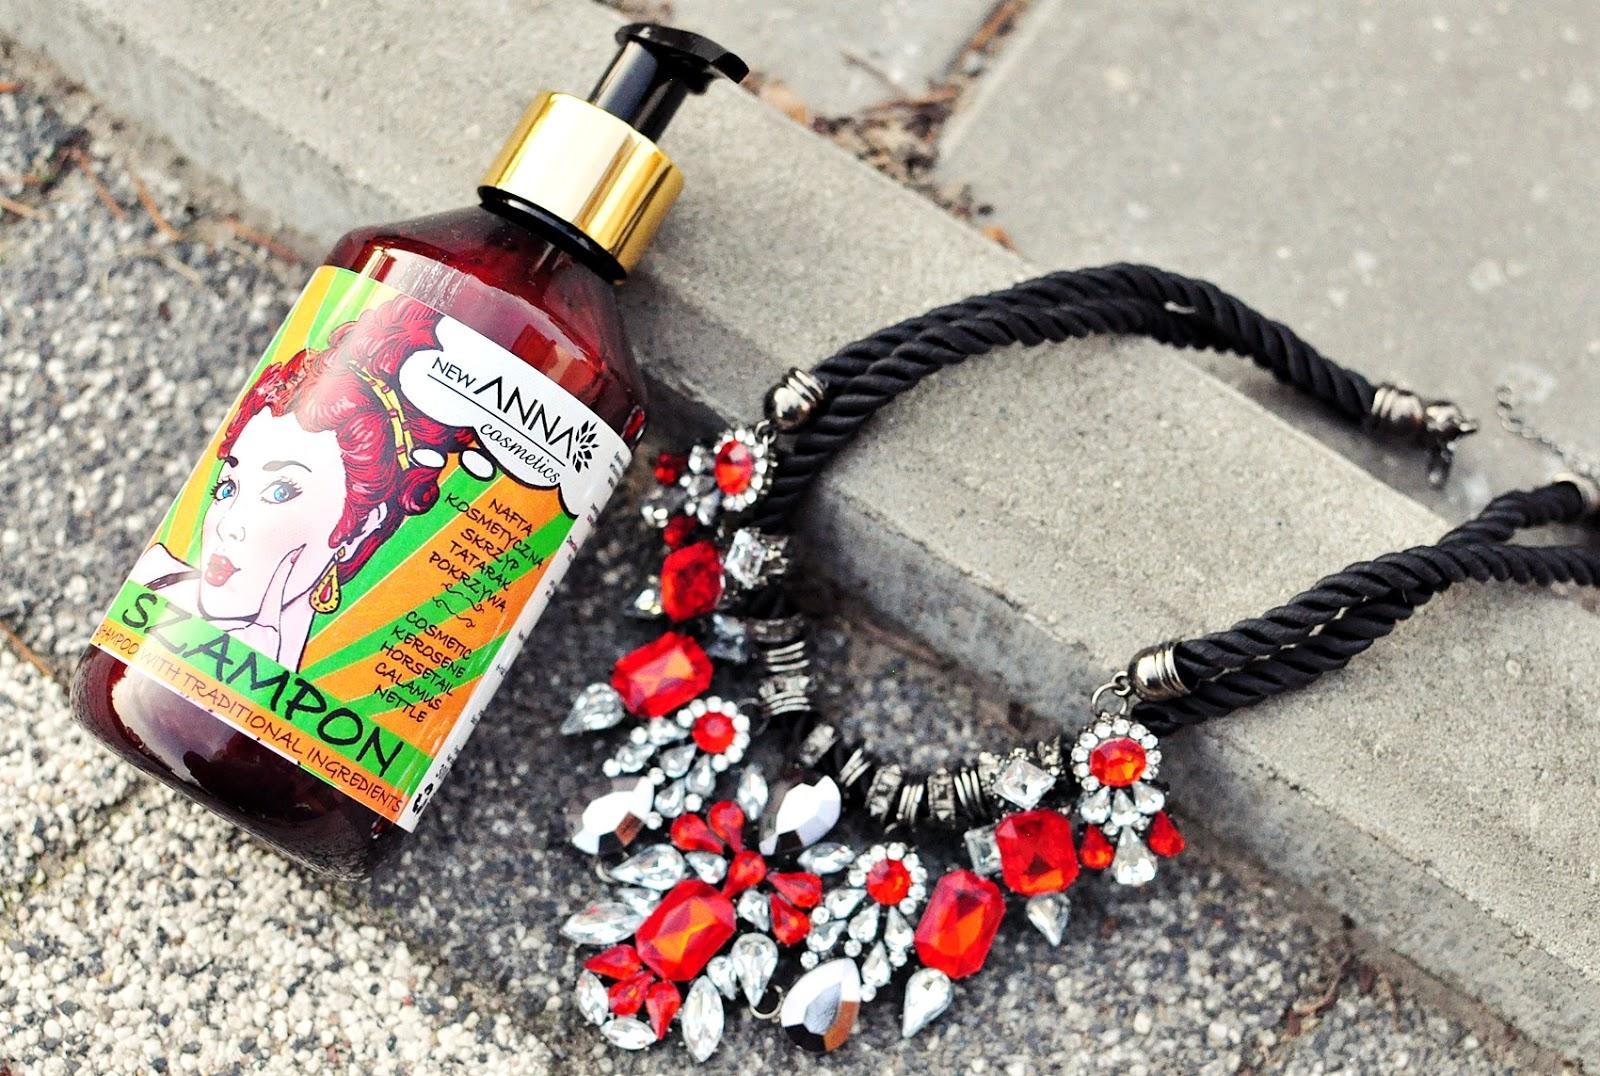 nafta-kosmetyczna-w-kosmetykach